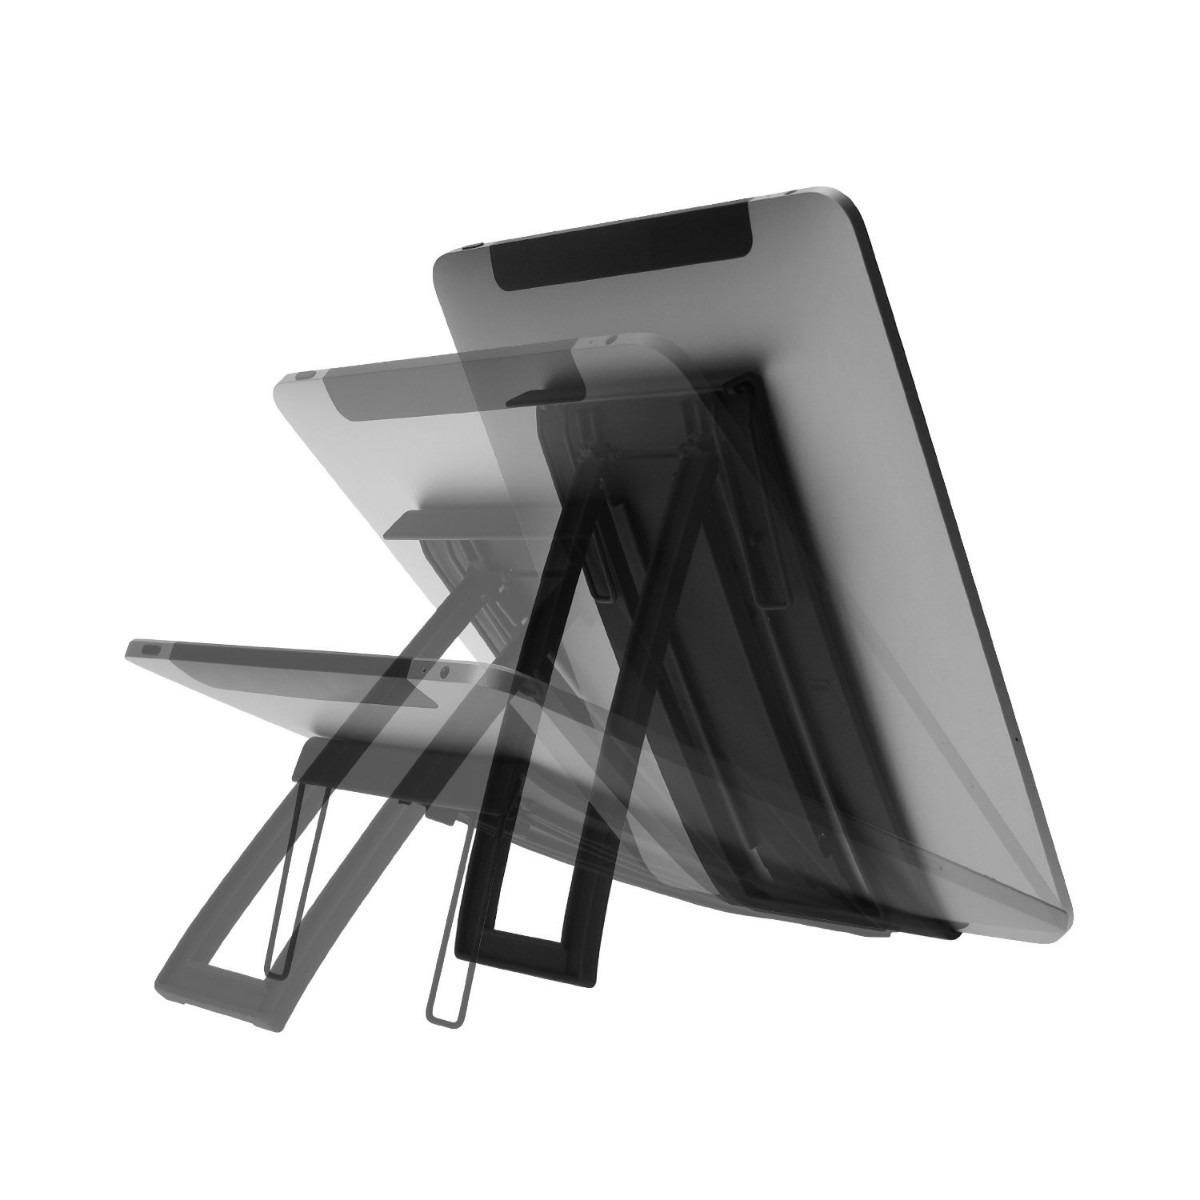 Base soporte para tablet de 10 pulgadas en mercado libre - Soporte para tablet ...